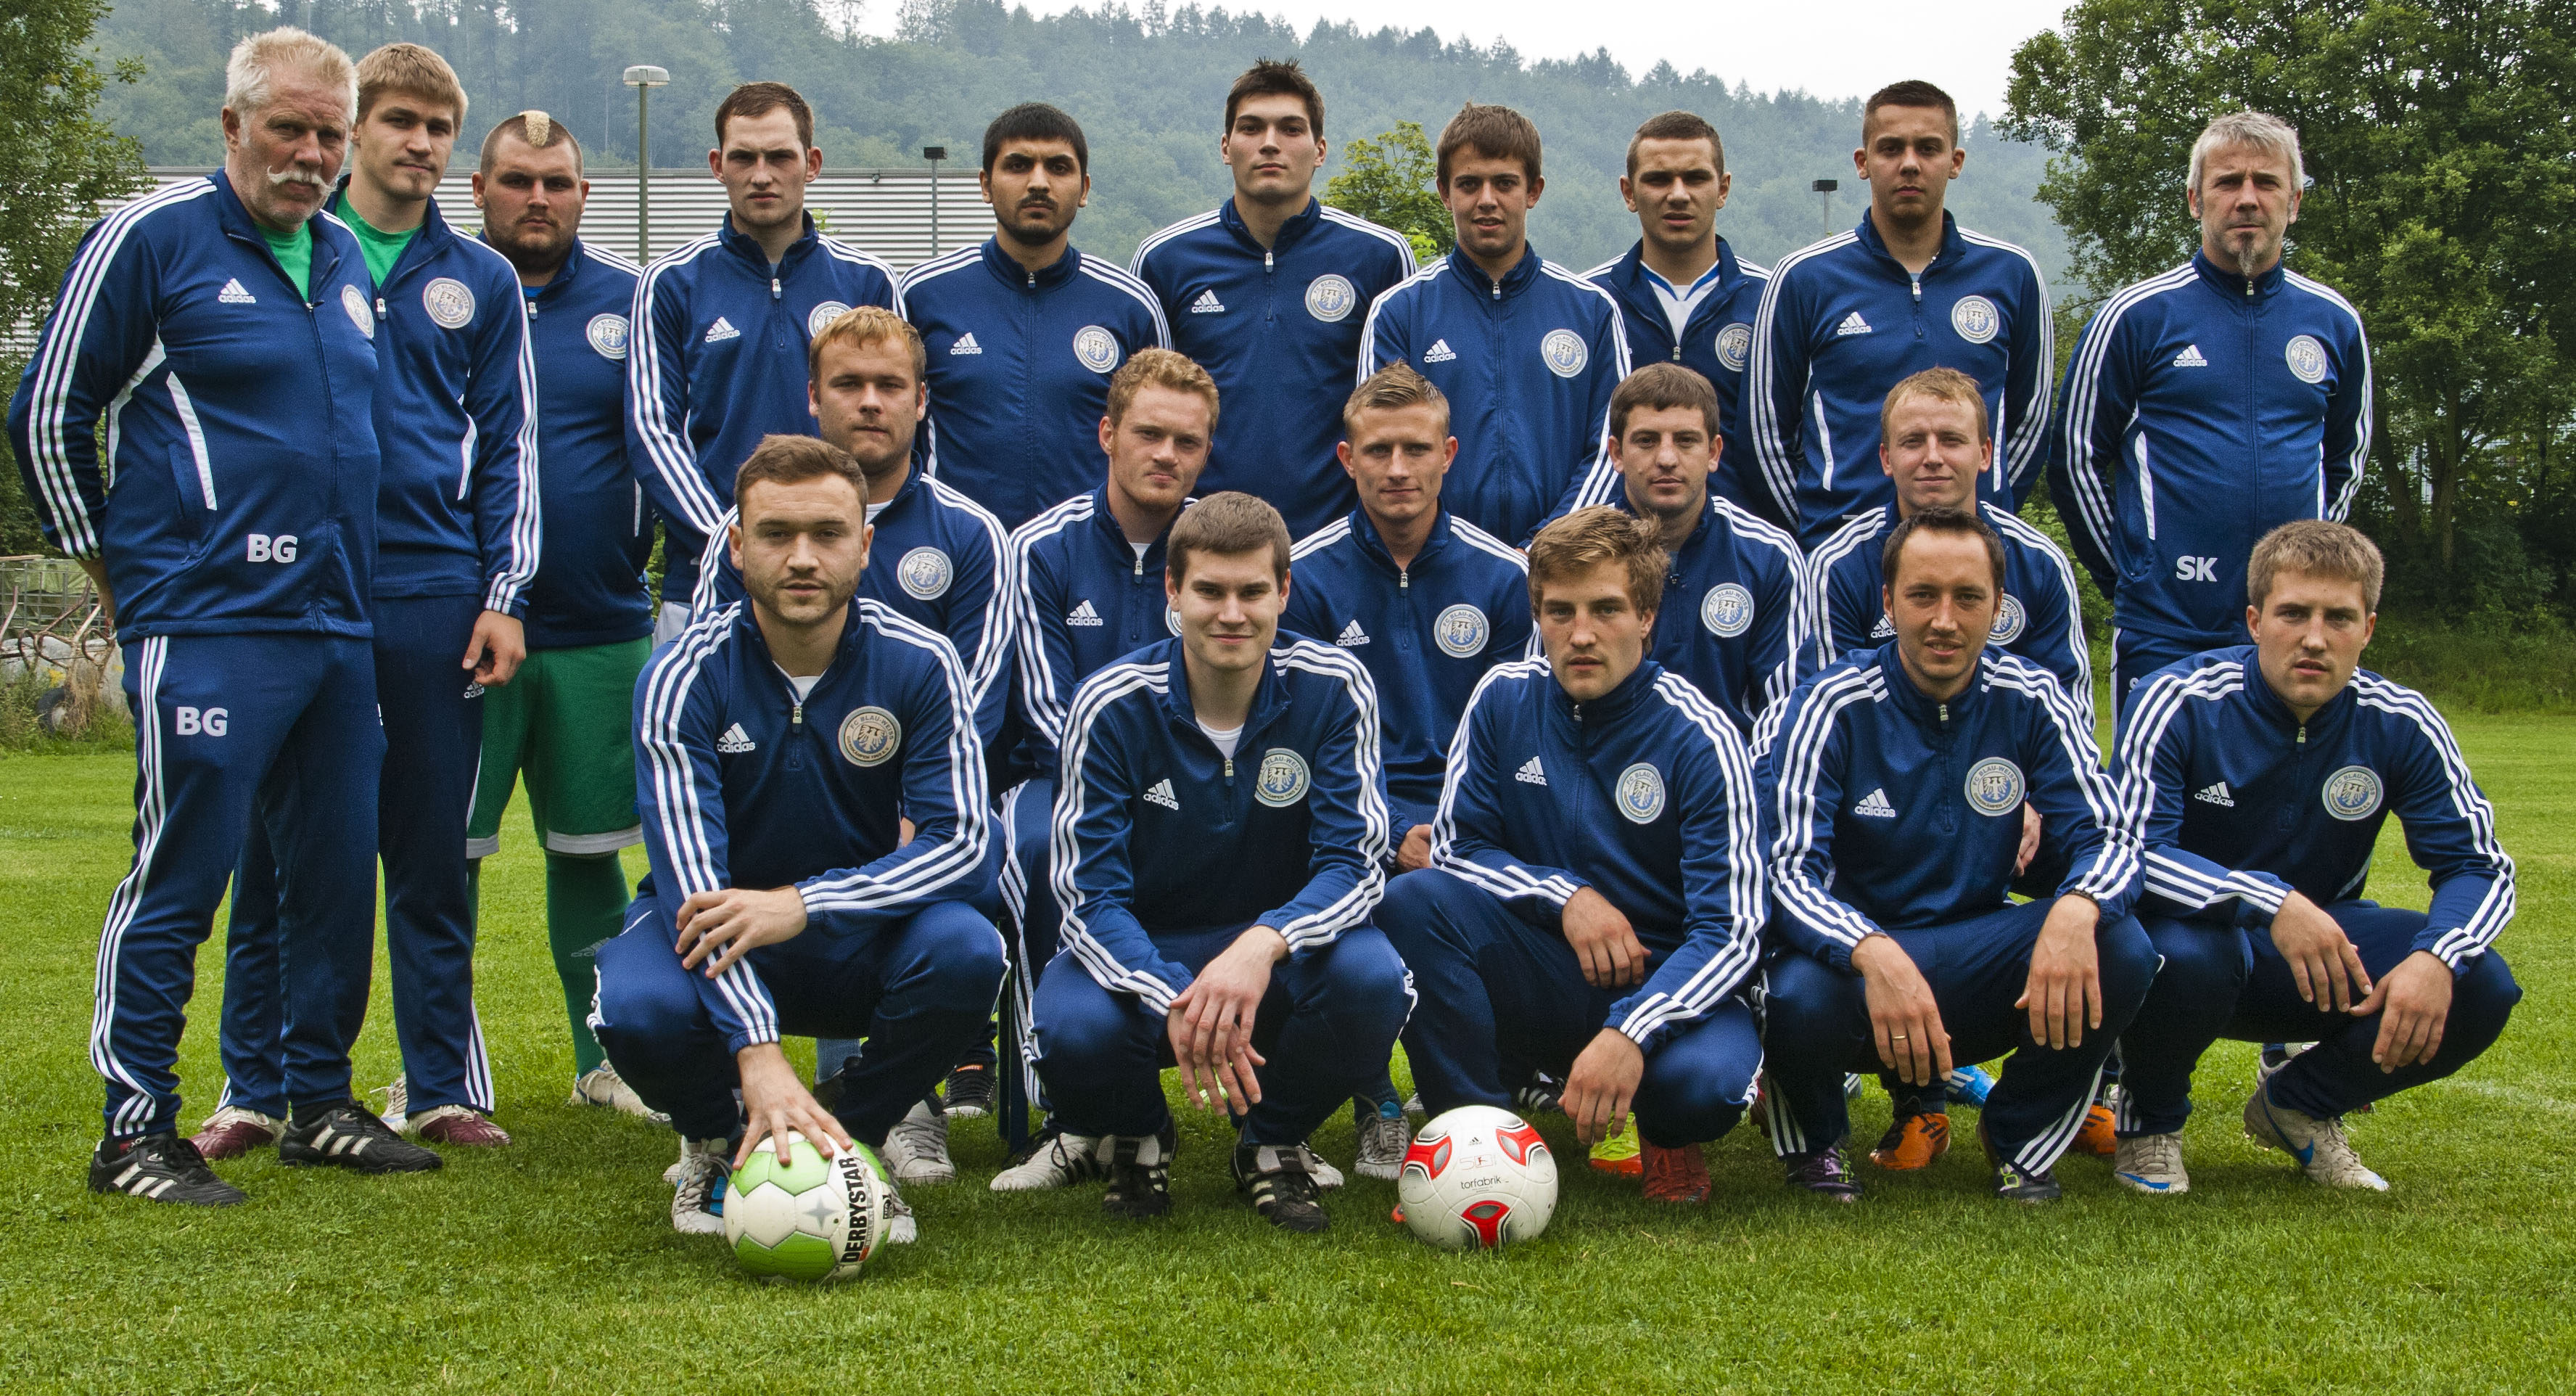 Mannschaftsfoto/Teamfoto von FC BW Giersk�mpen